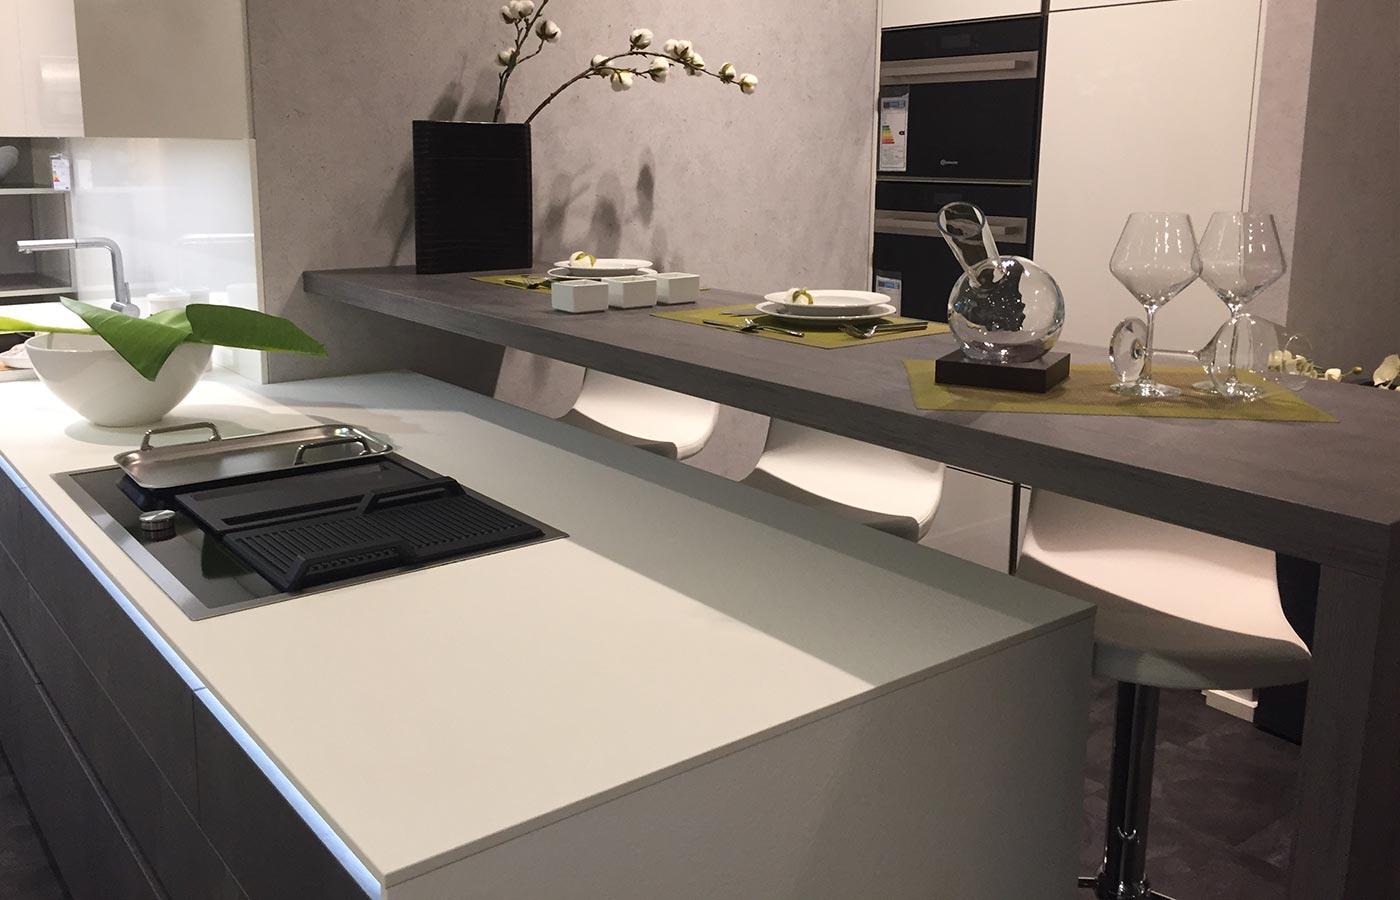 Küchen Hildesheim • der küchenmacher • Küche ist unsere Leidenschaft